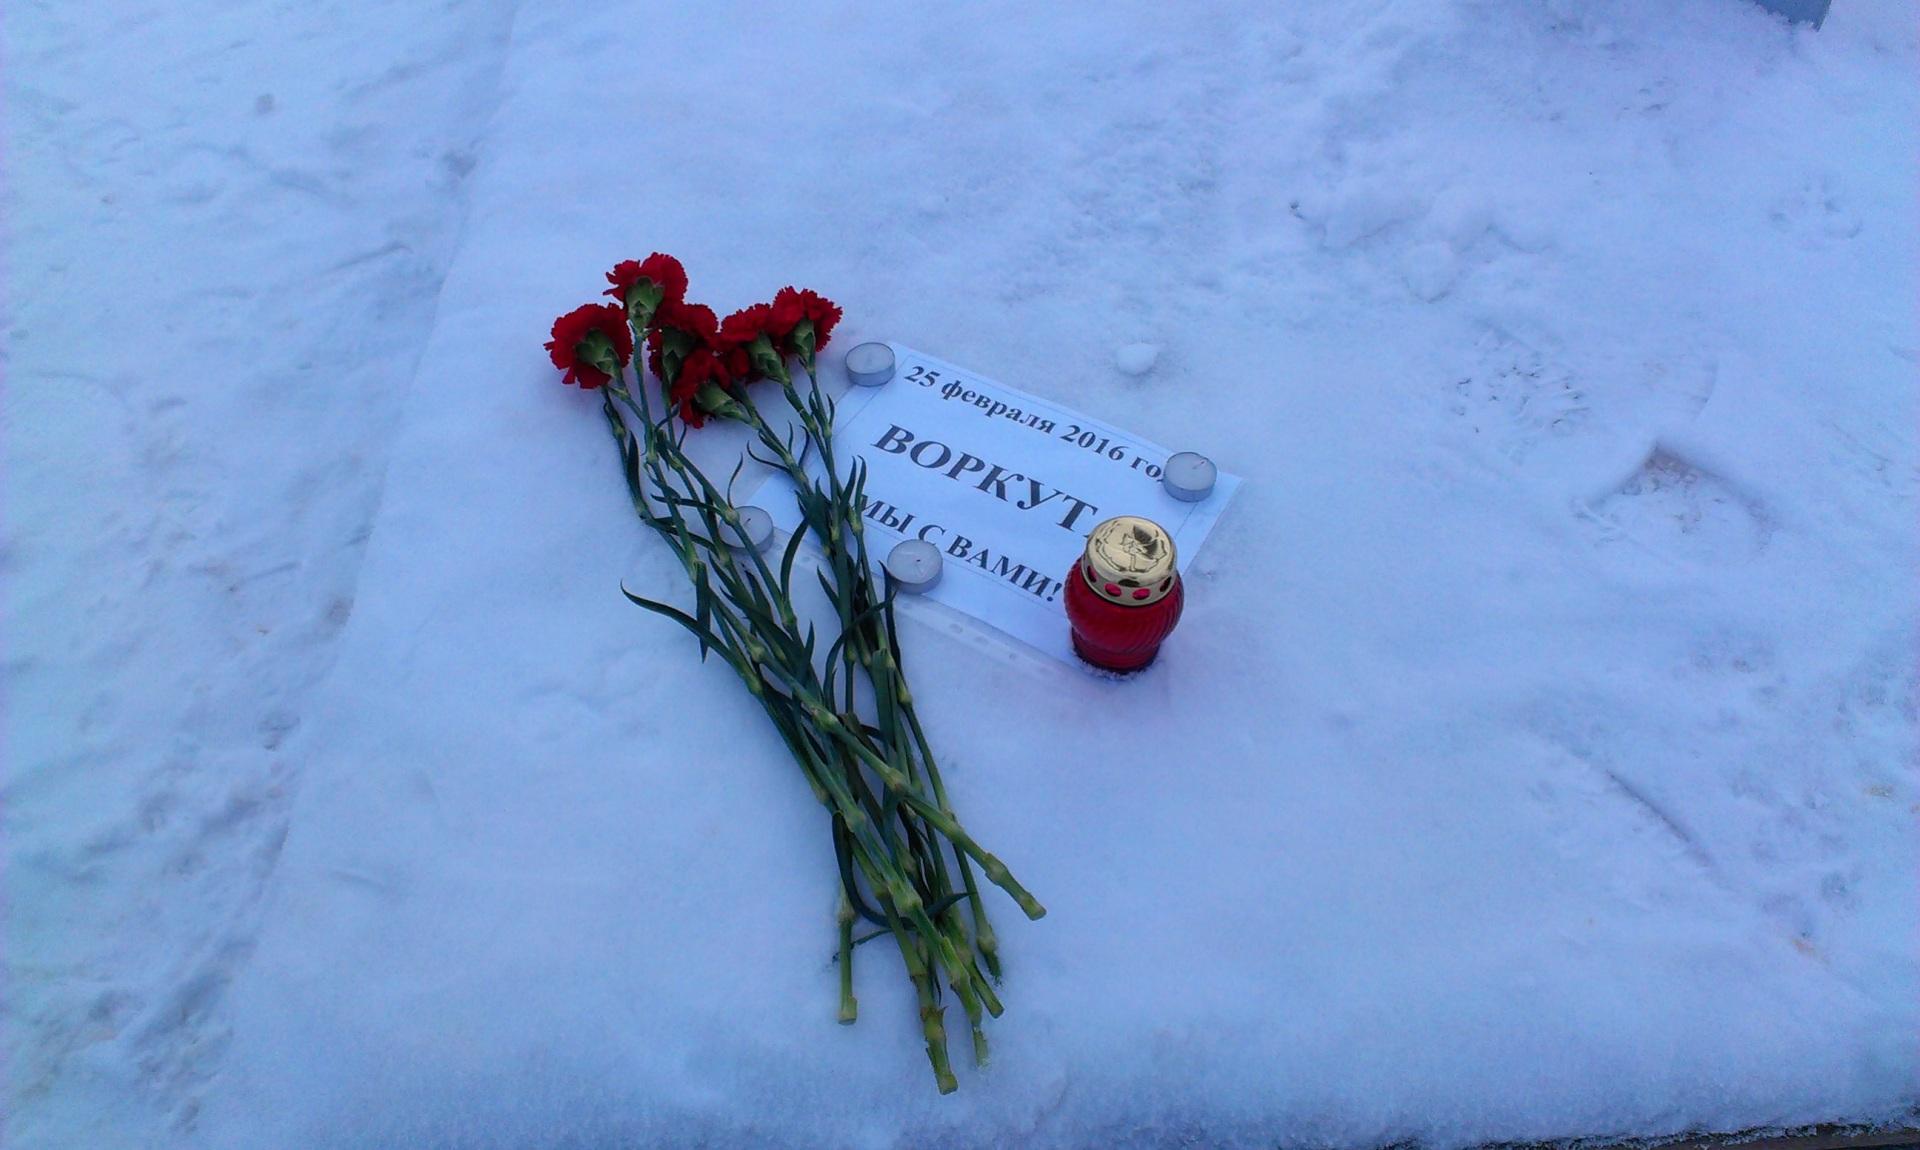 Сыктывкарцы несут цветы и свечи в память о погибших шахтерах и спасателях